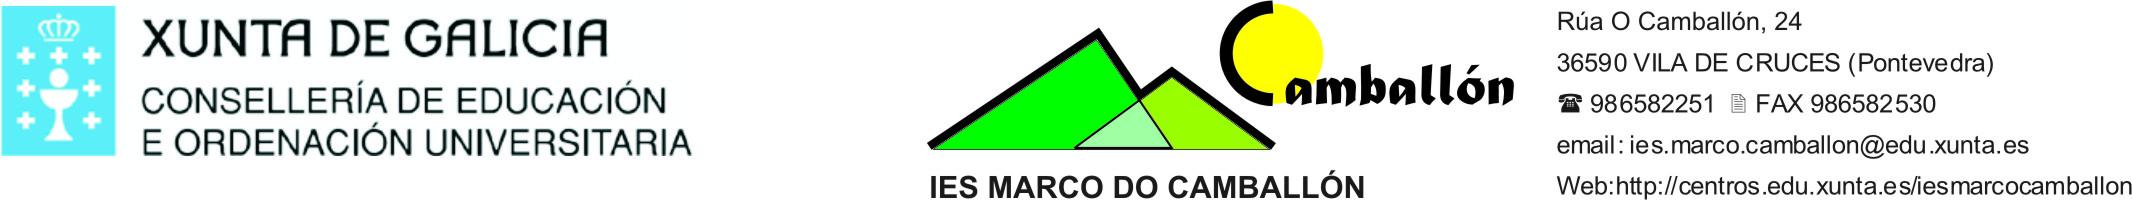 Logo do IES Marco de Camballón